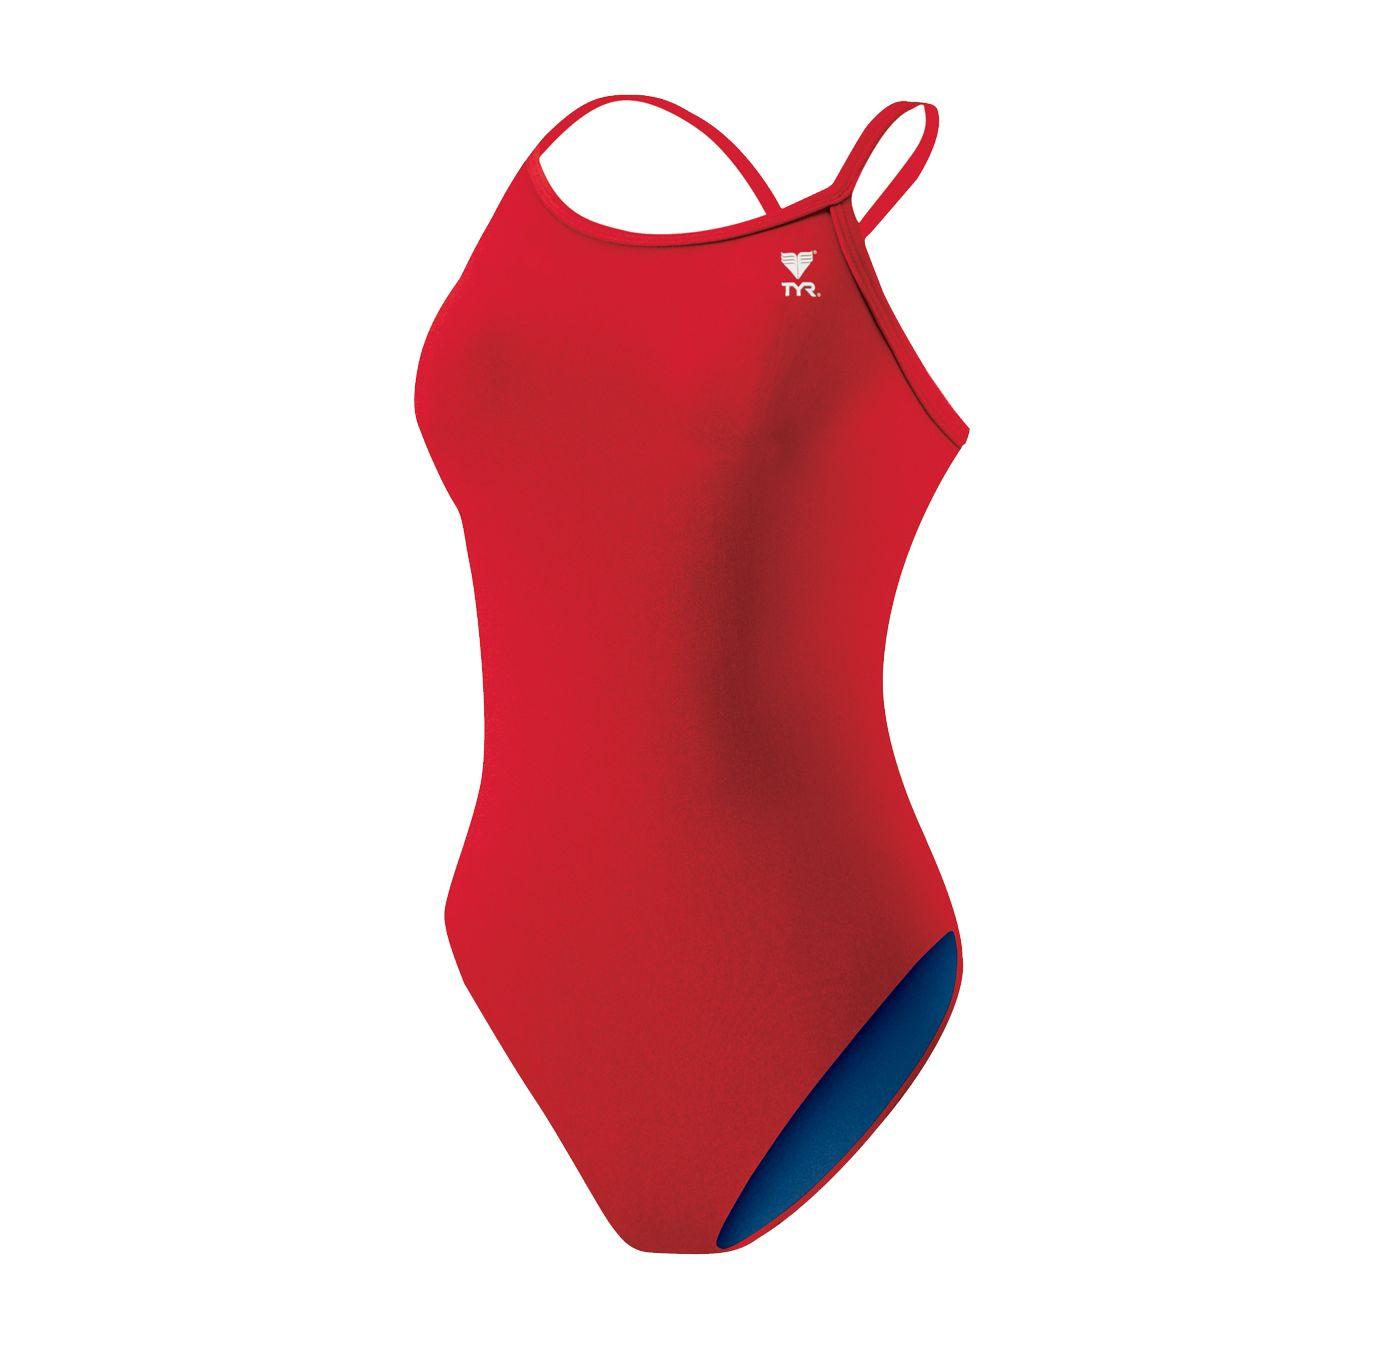 TYR Women's Solid Lycra Diamondback Tank Swimsuit